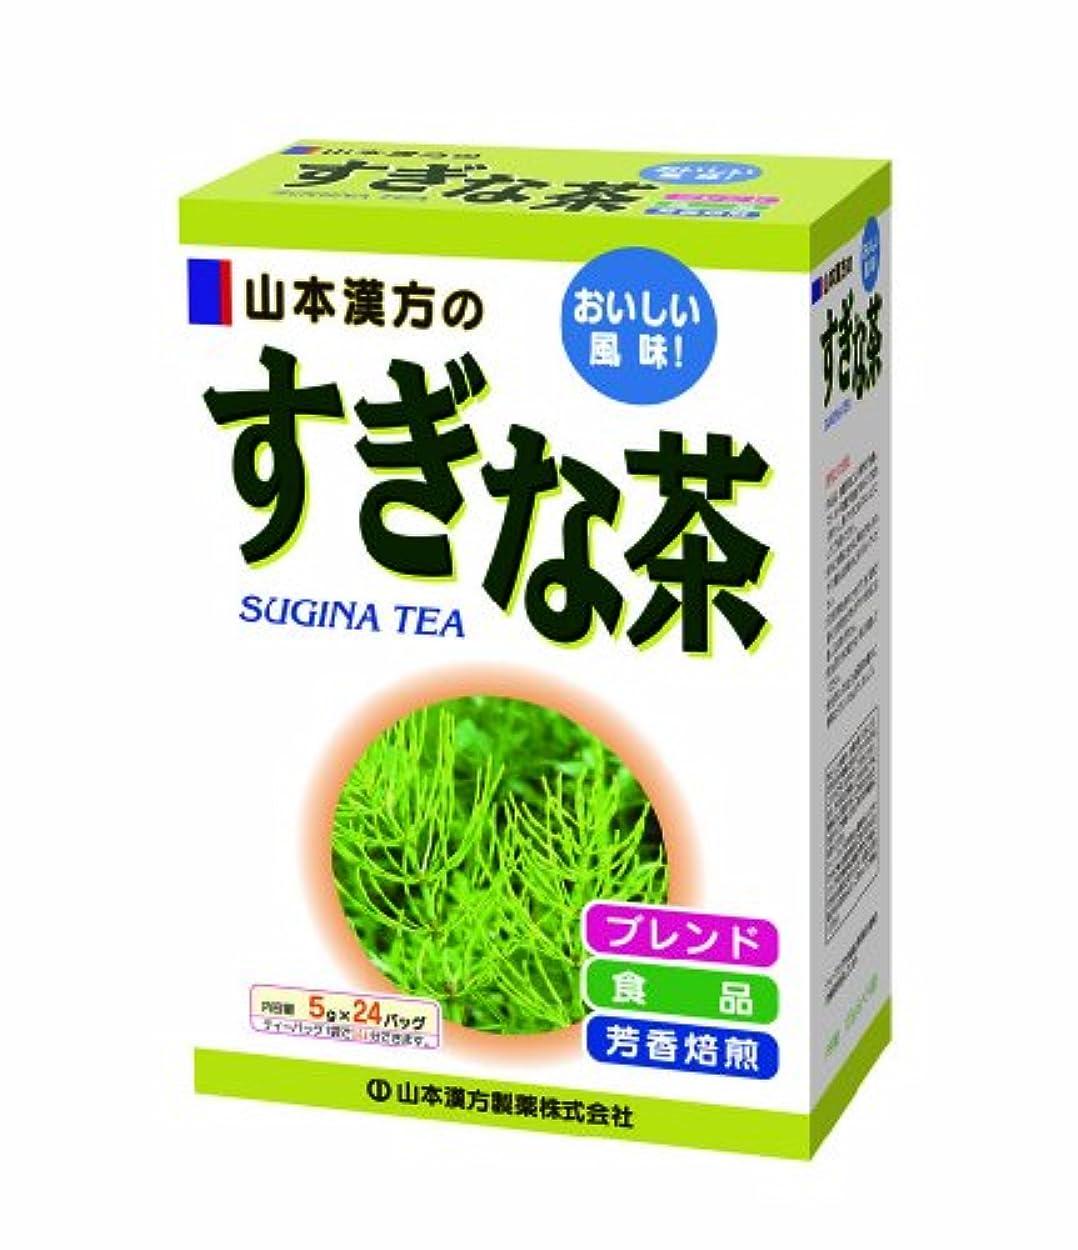 レギュラー誘発する危機山本漢方製薬 すぎな茶 5gX24H